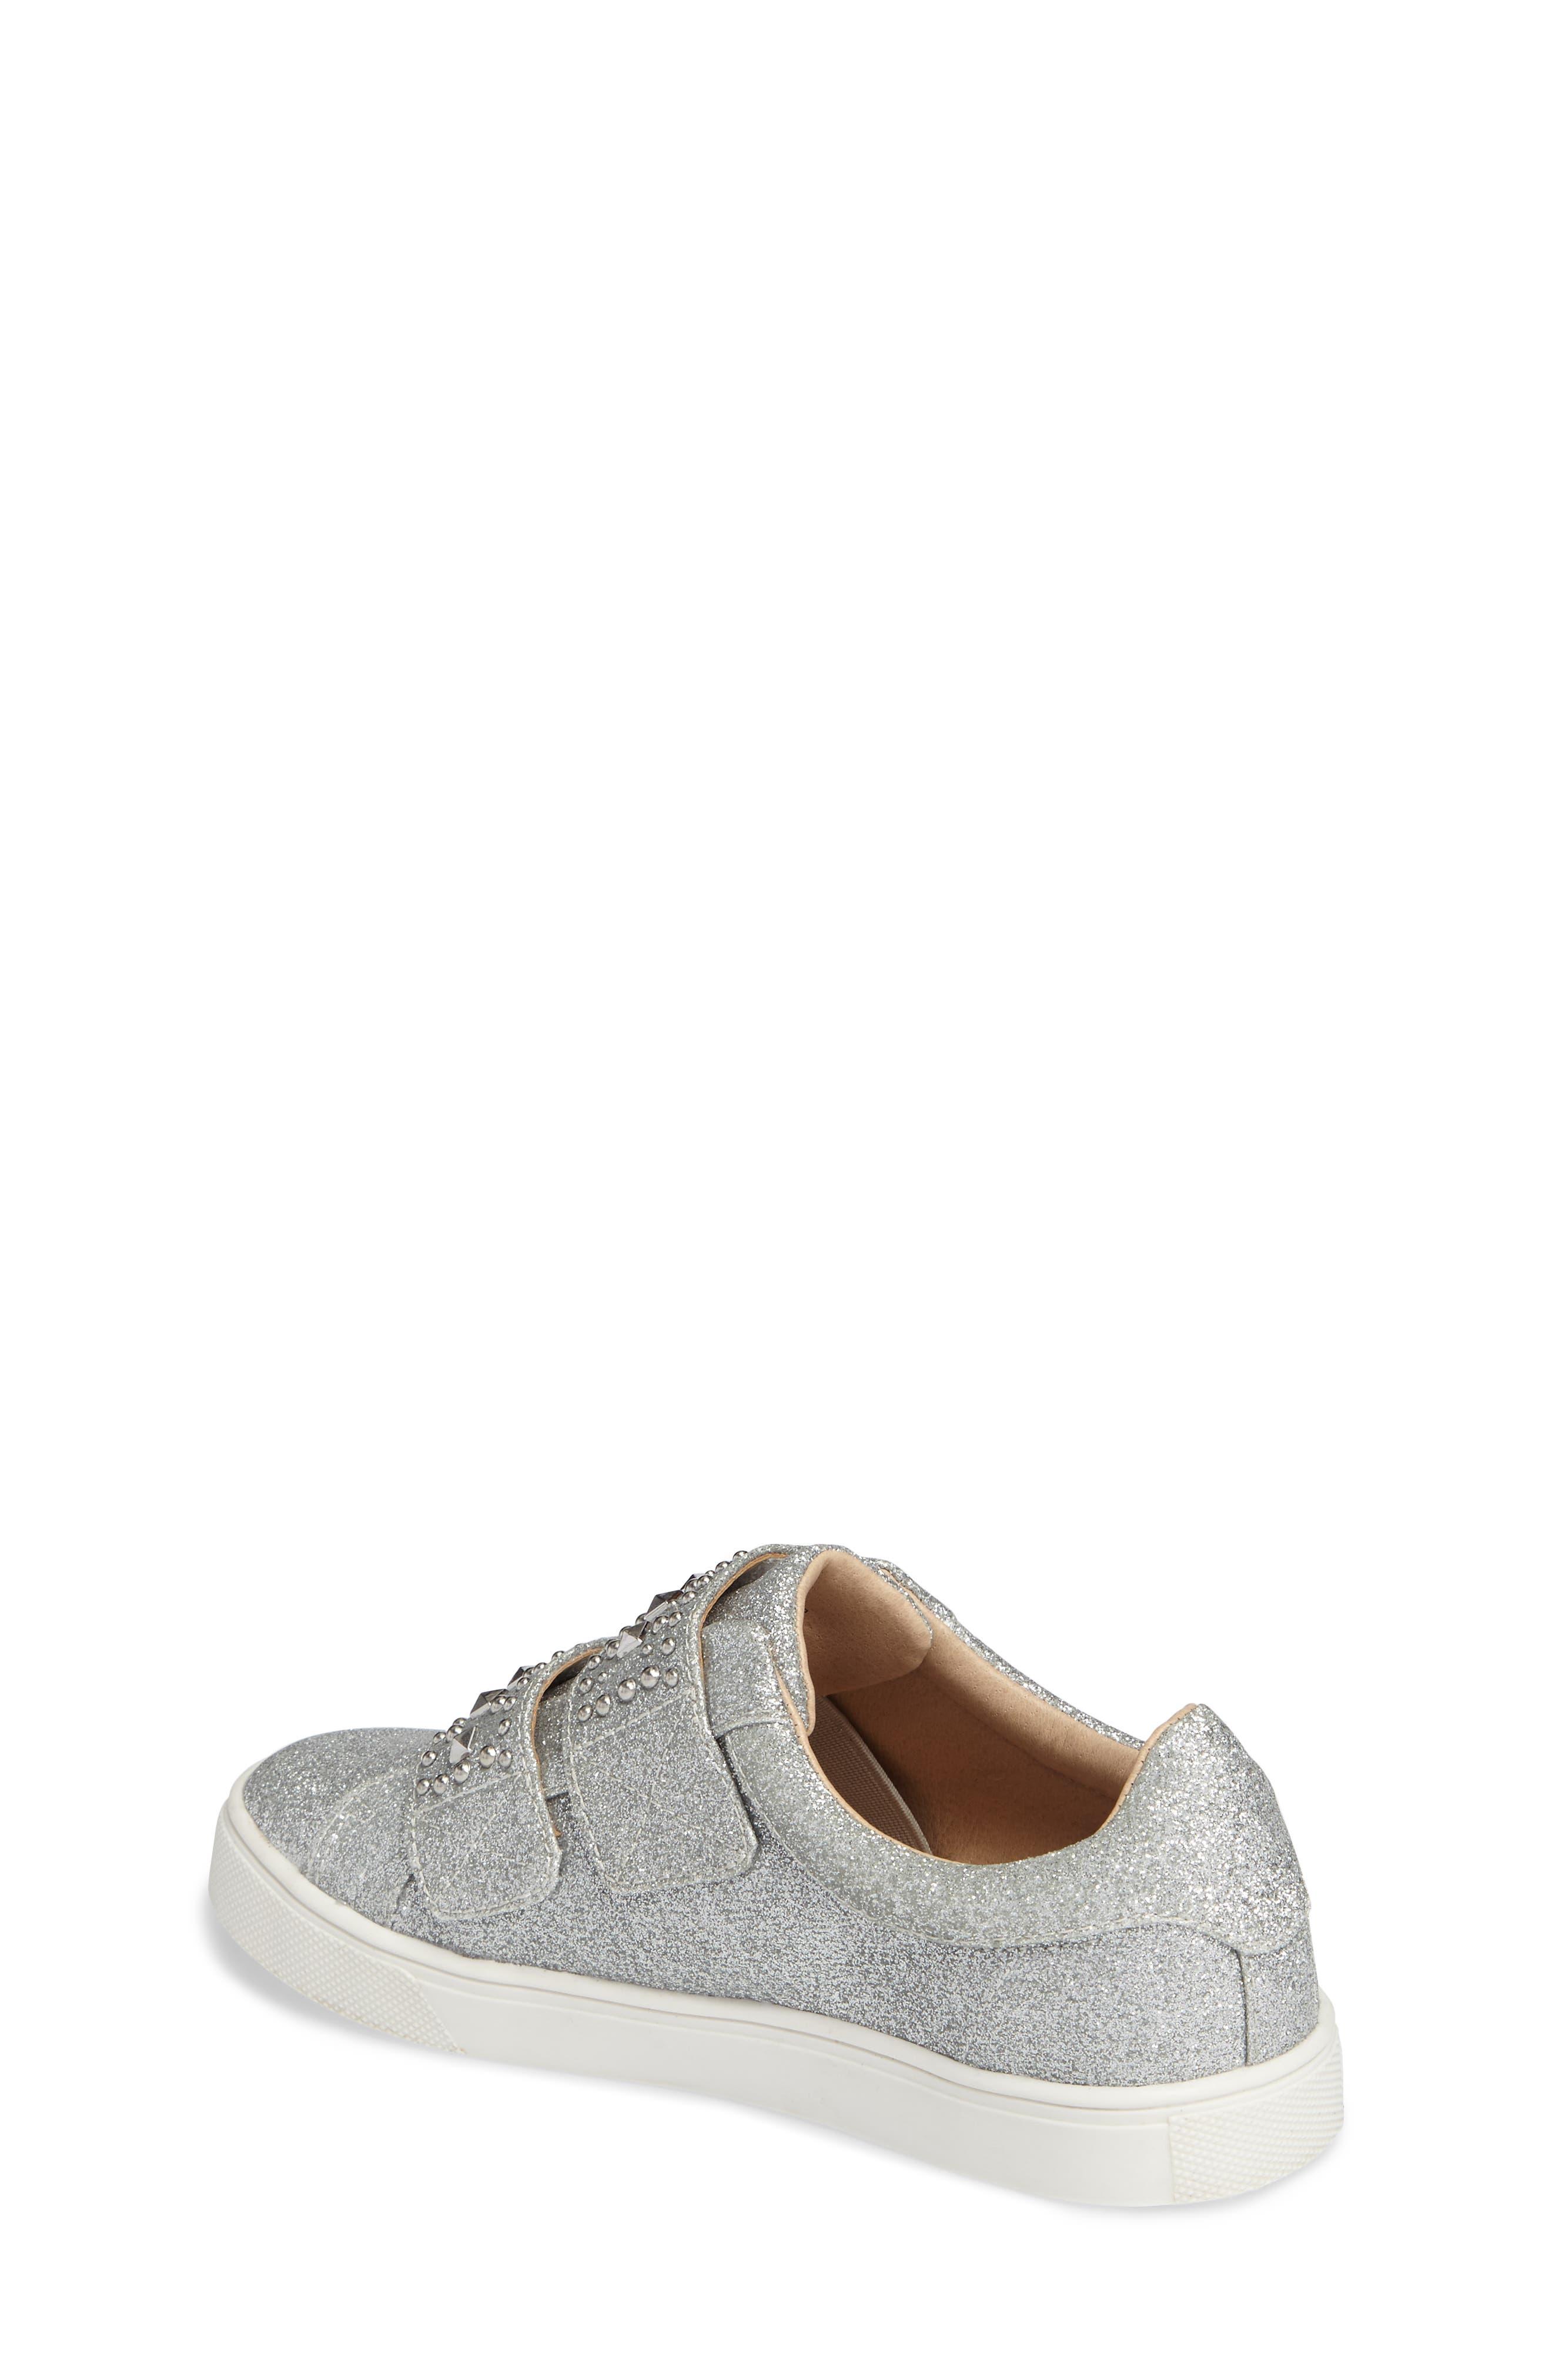 Baylen Embellished Glitter Sneaker,                             Alternate thumbnail 2, color,                             SILVER GLITTER